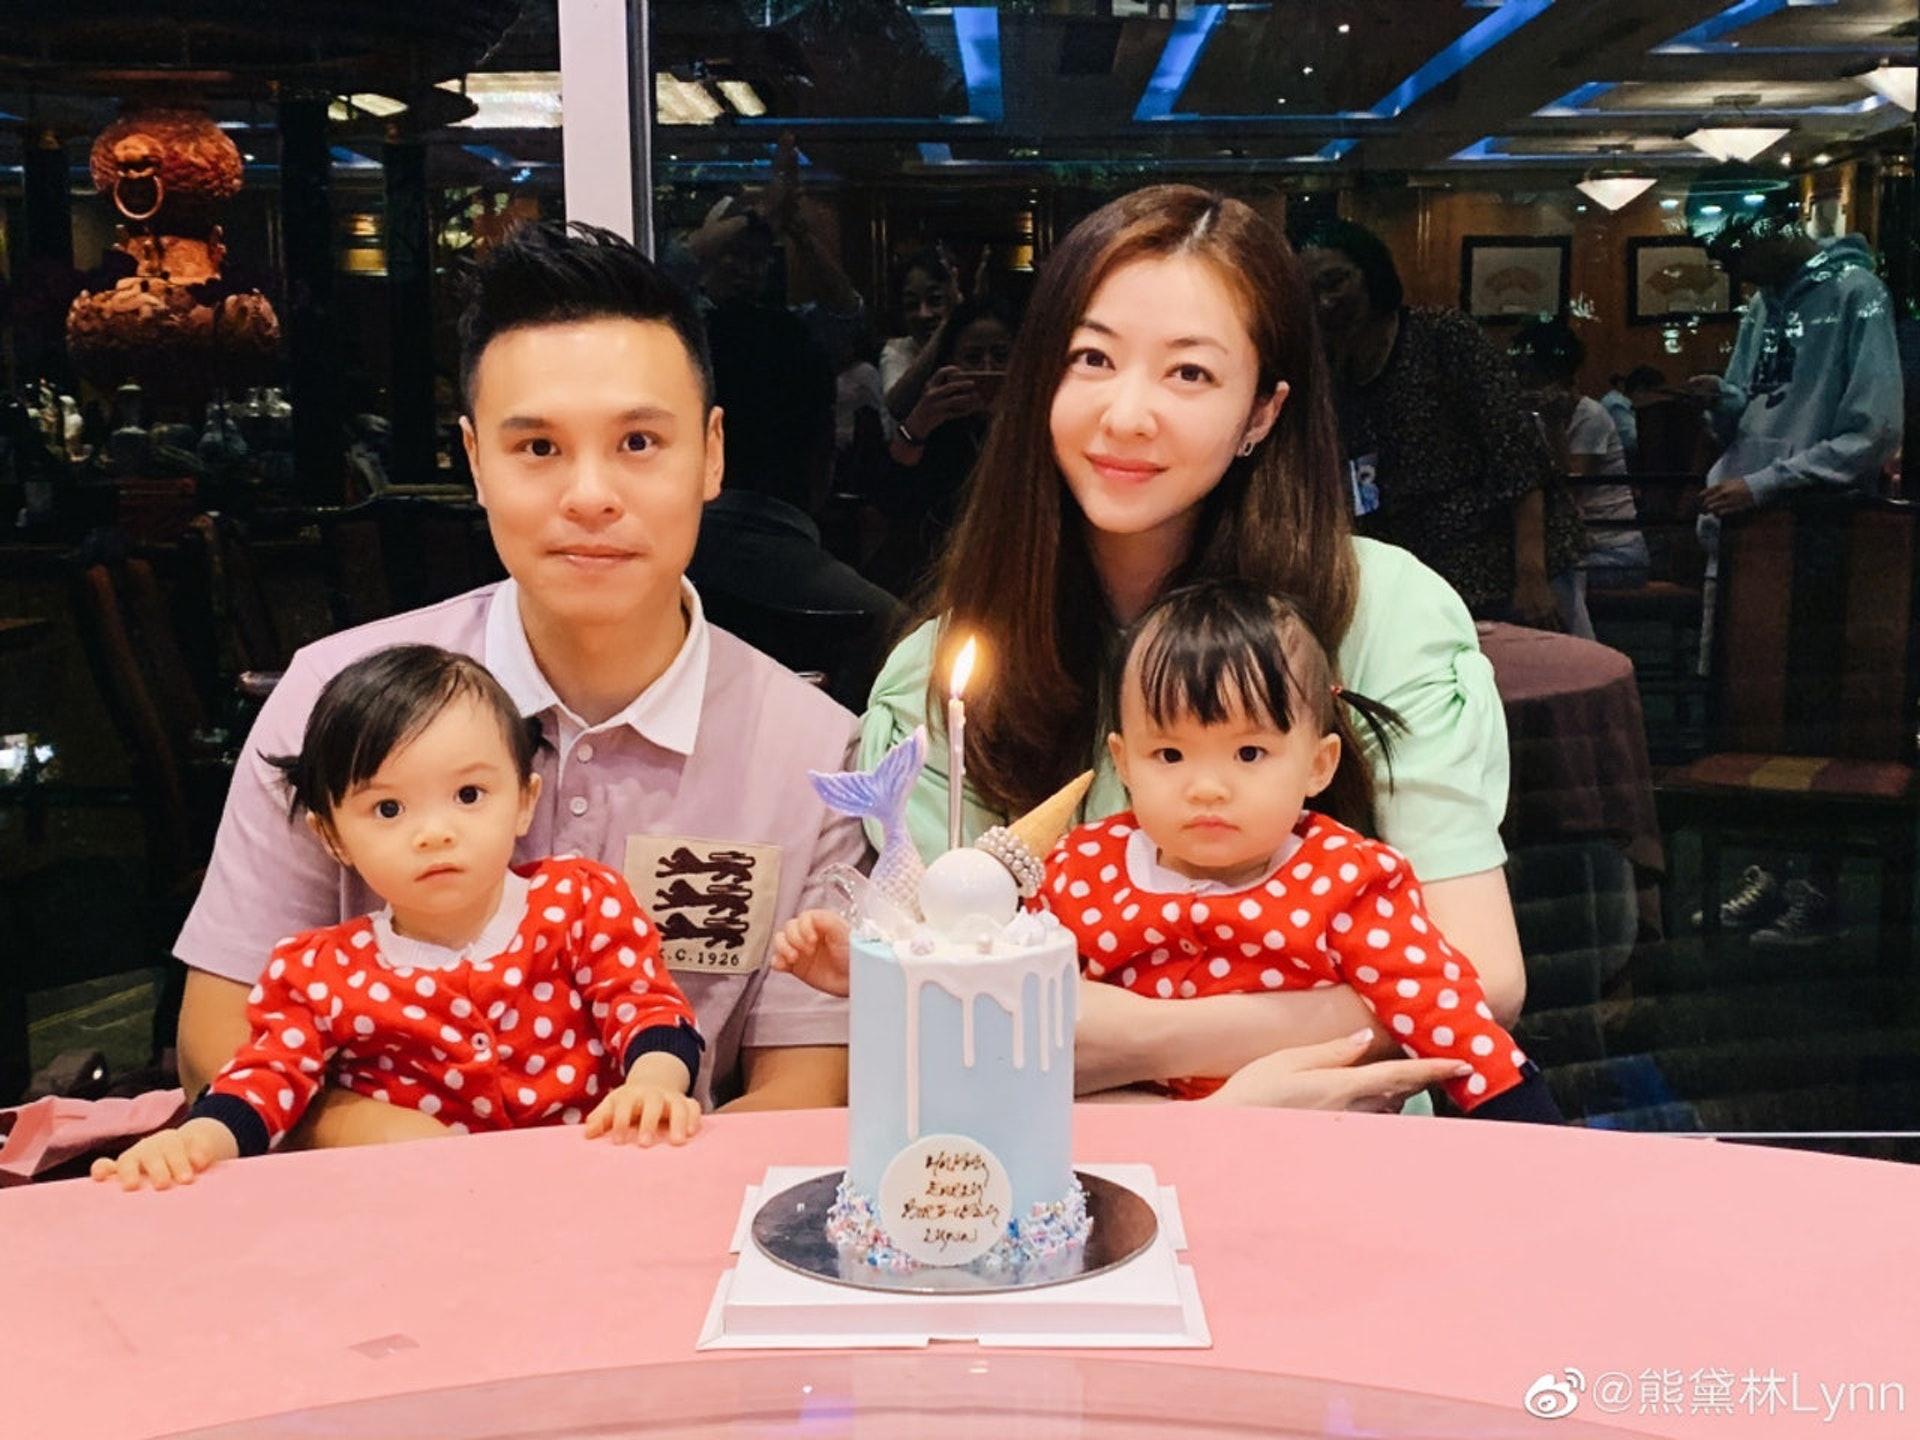 Sieu mau Hung Dai Lam khong muon sinh them con anh 2